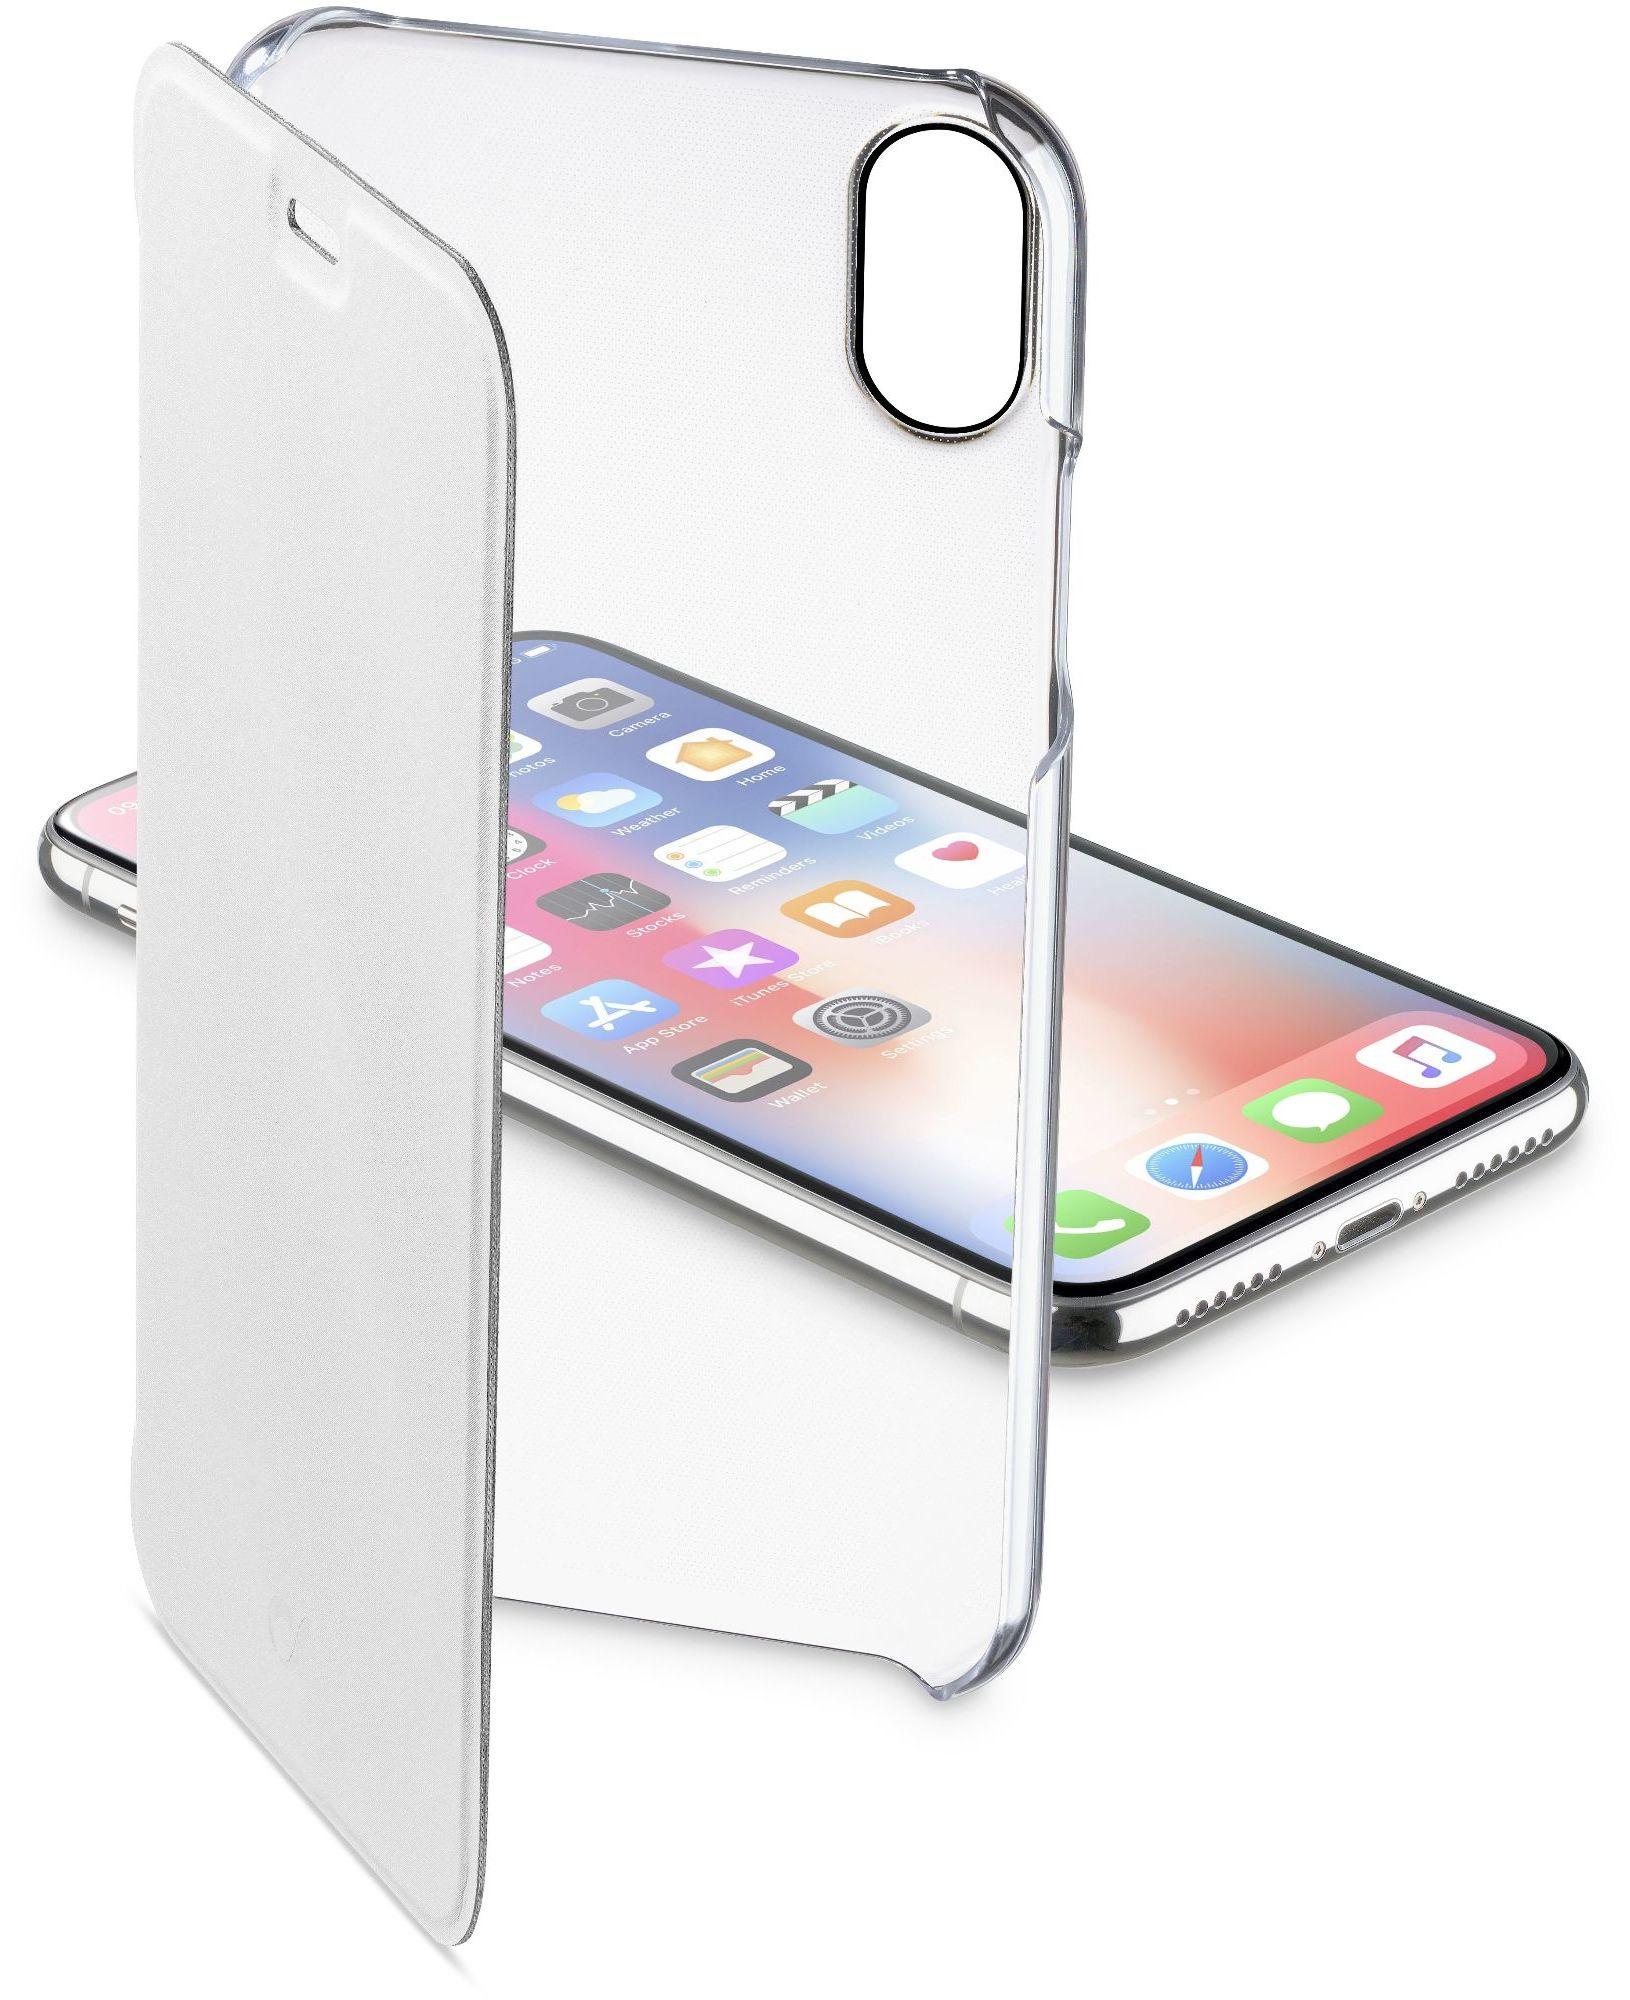 Cellular Line Custodia a libro rigida con back trasparente e sportellino iPhone XS/X - Clearbookiph8xw